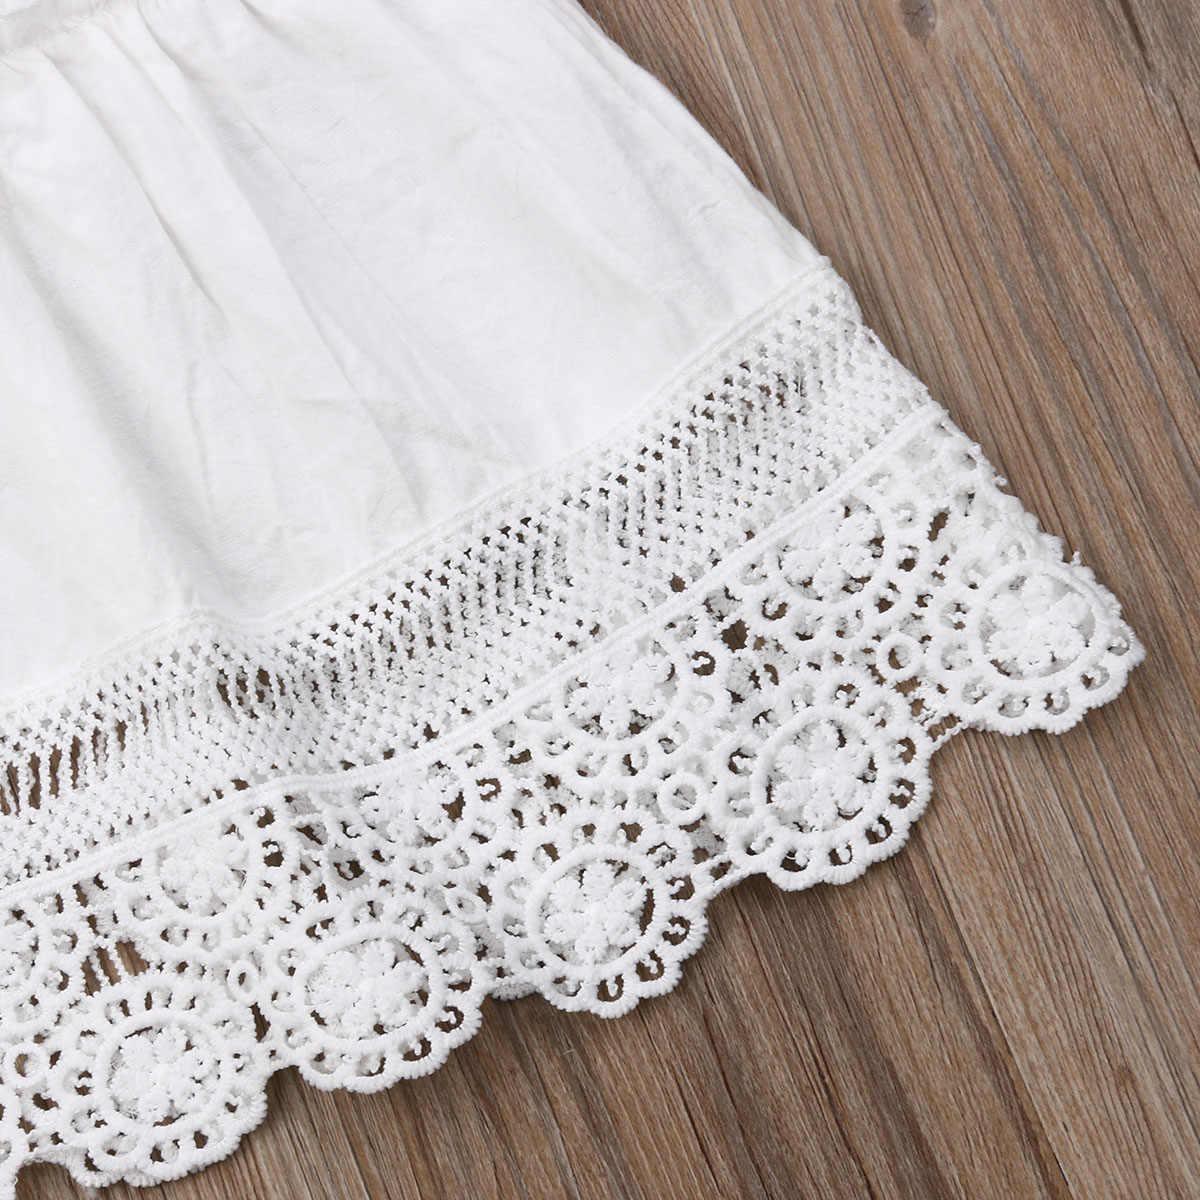 2019 เด็กทารกฤดูร้อนเสื้อผ้าเข็มขัดสีขาวลูกไม้ชุดเจ้าหญิง Sundress ชุดเด็กเสื้อผ้าเด็กวัยหัดเดินเด็ก